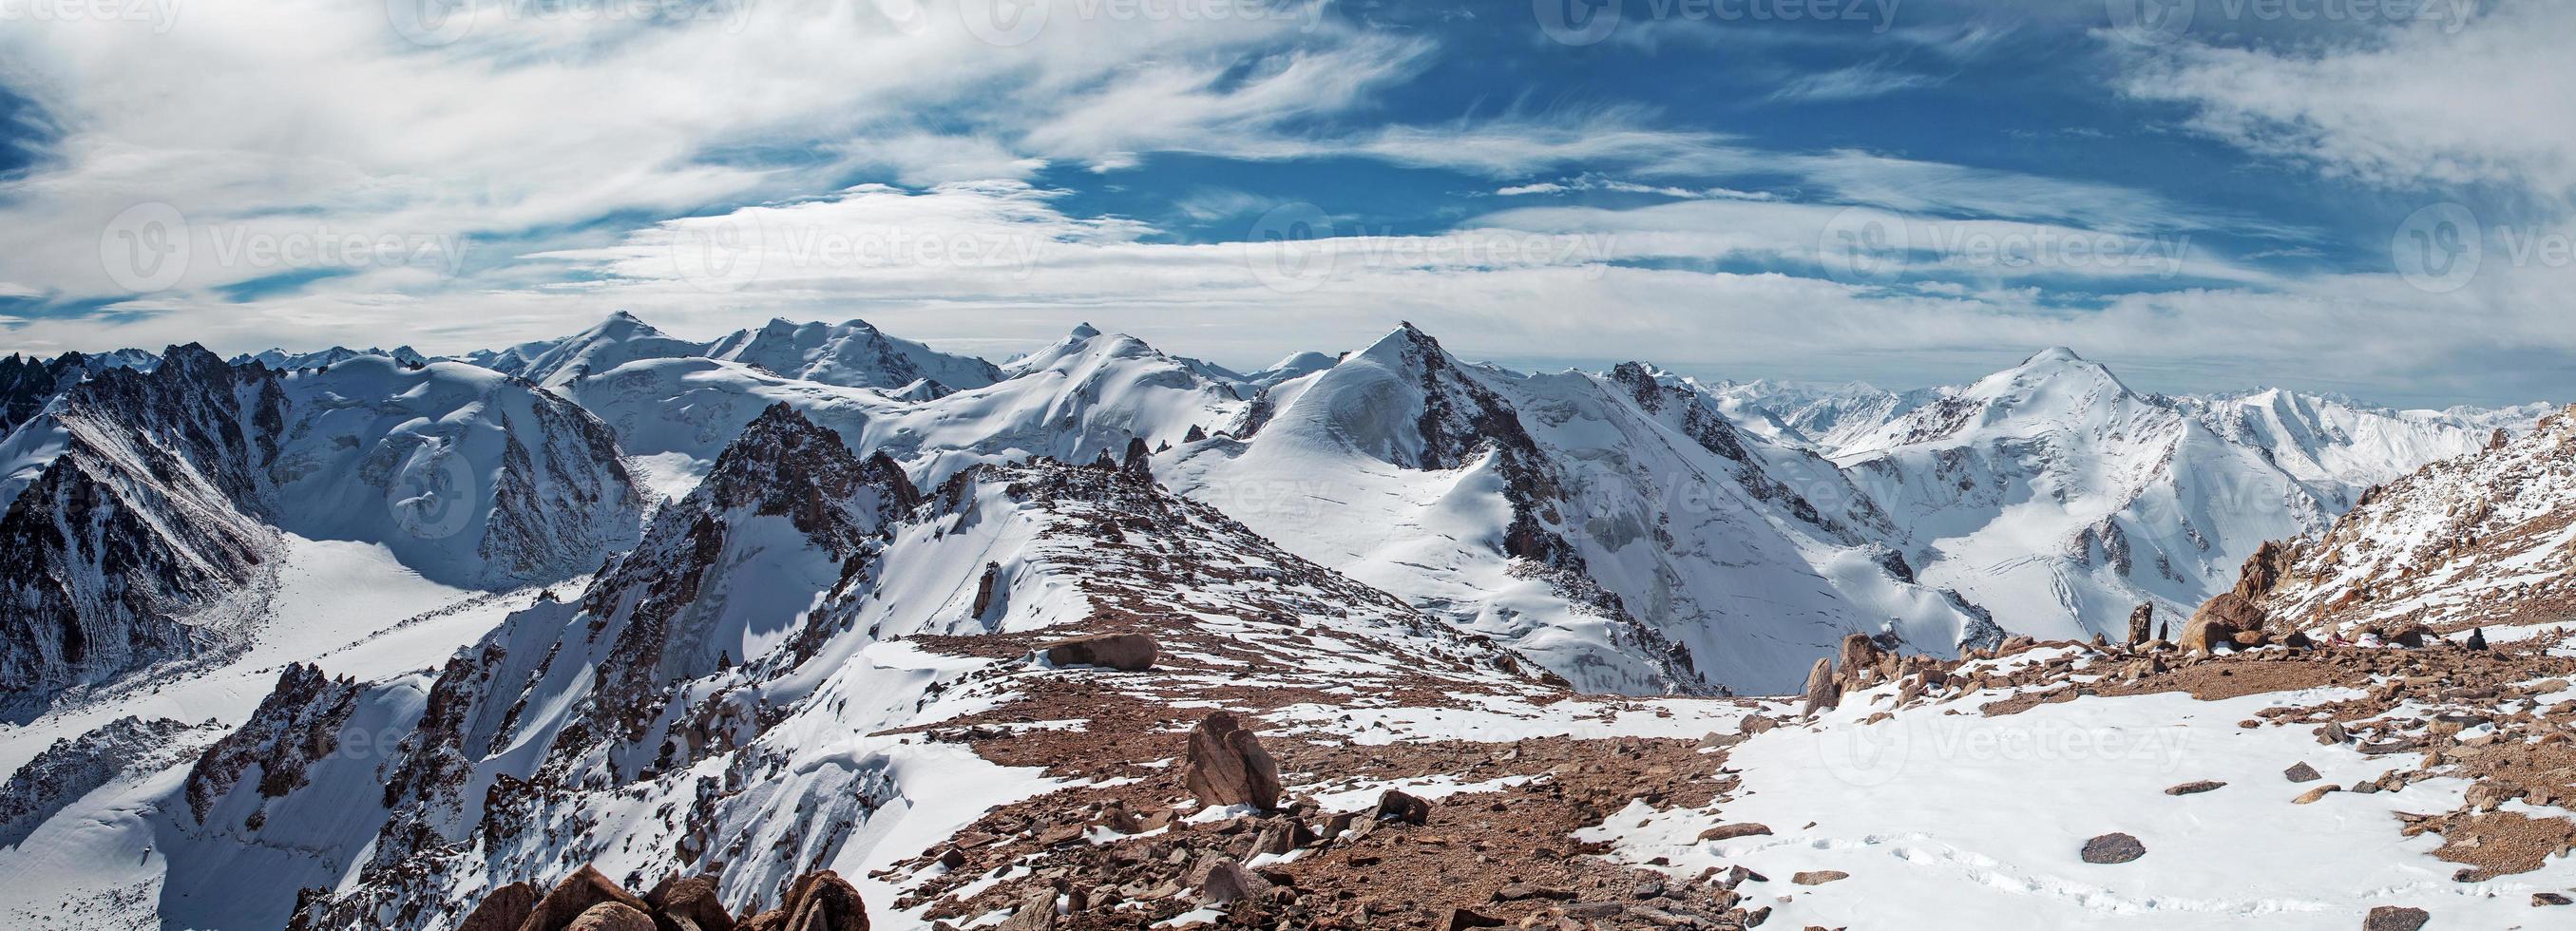 Alatau Berge. foto